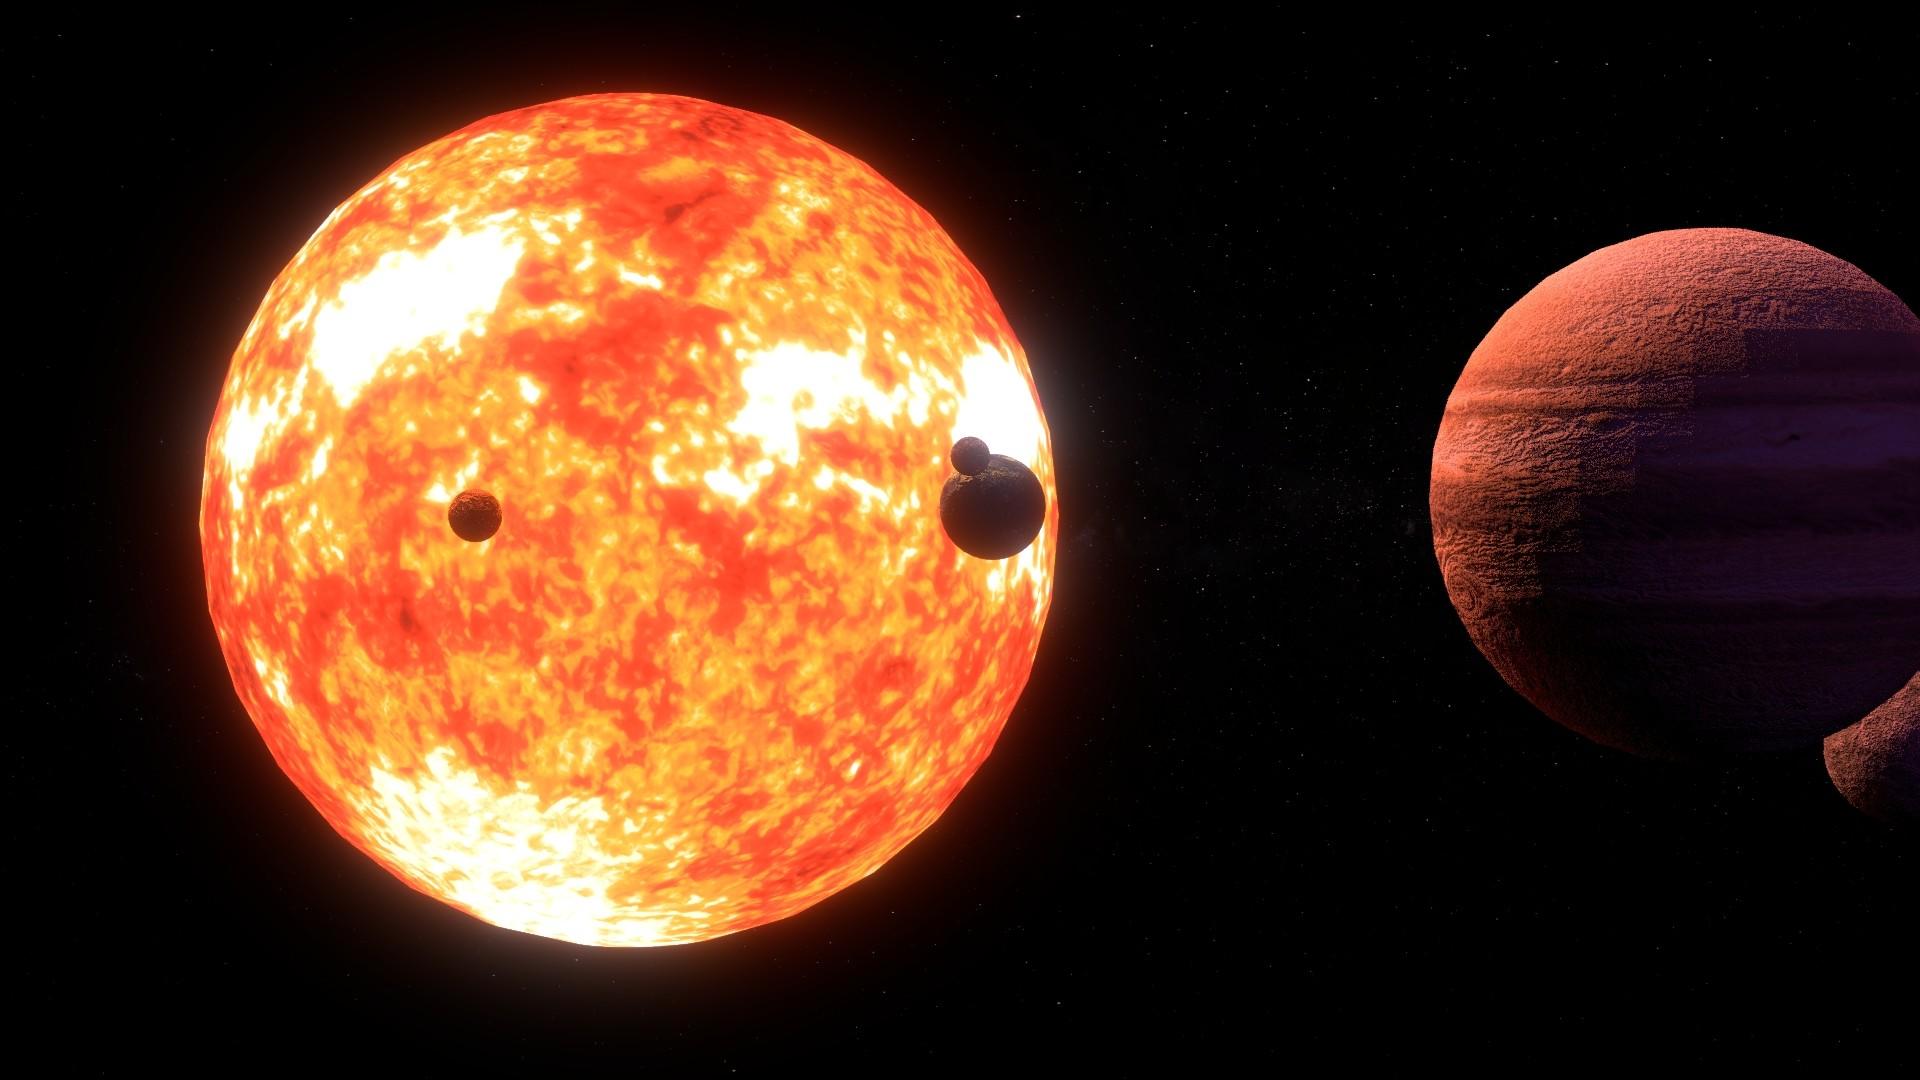 солнце с разных точек солнечной системы фото адыгейска